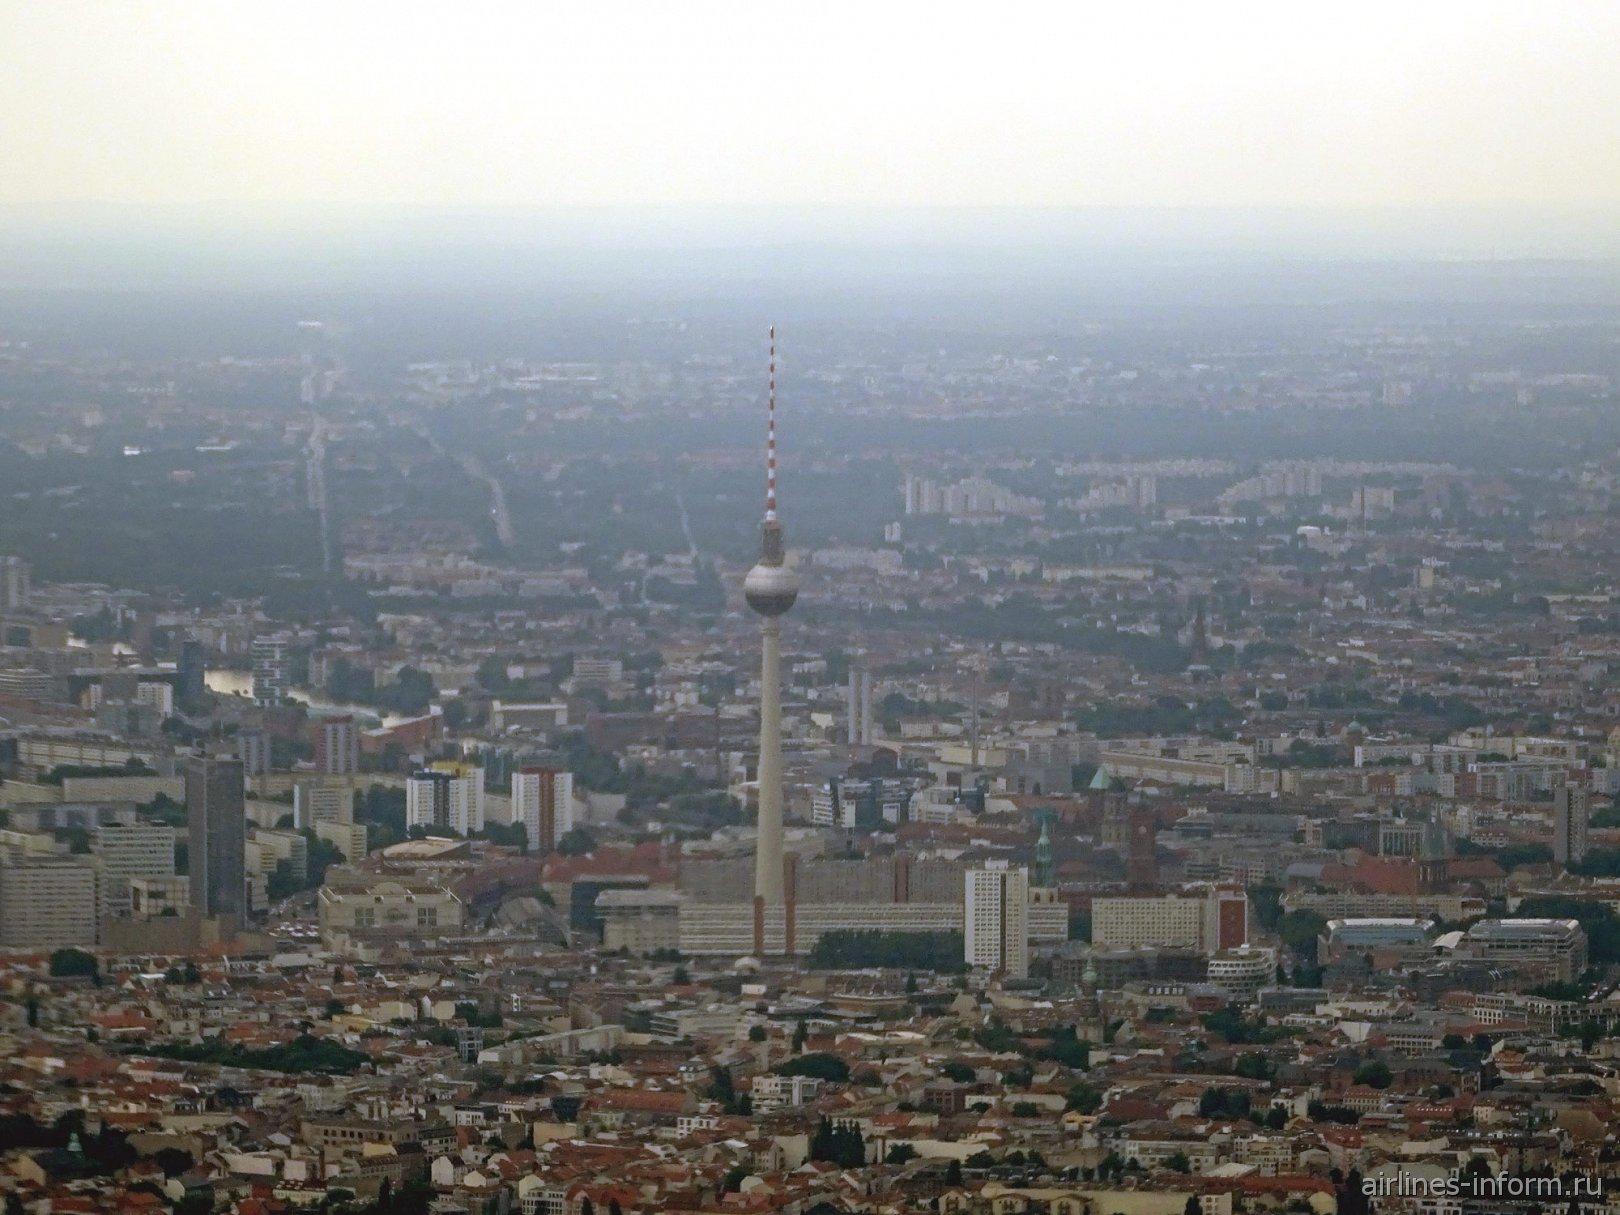 Телевышка на Александр Плац-центр Восточного Берлина